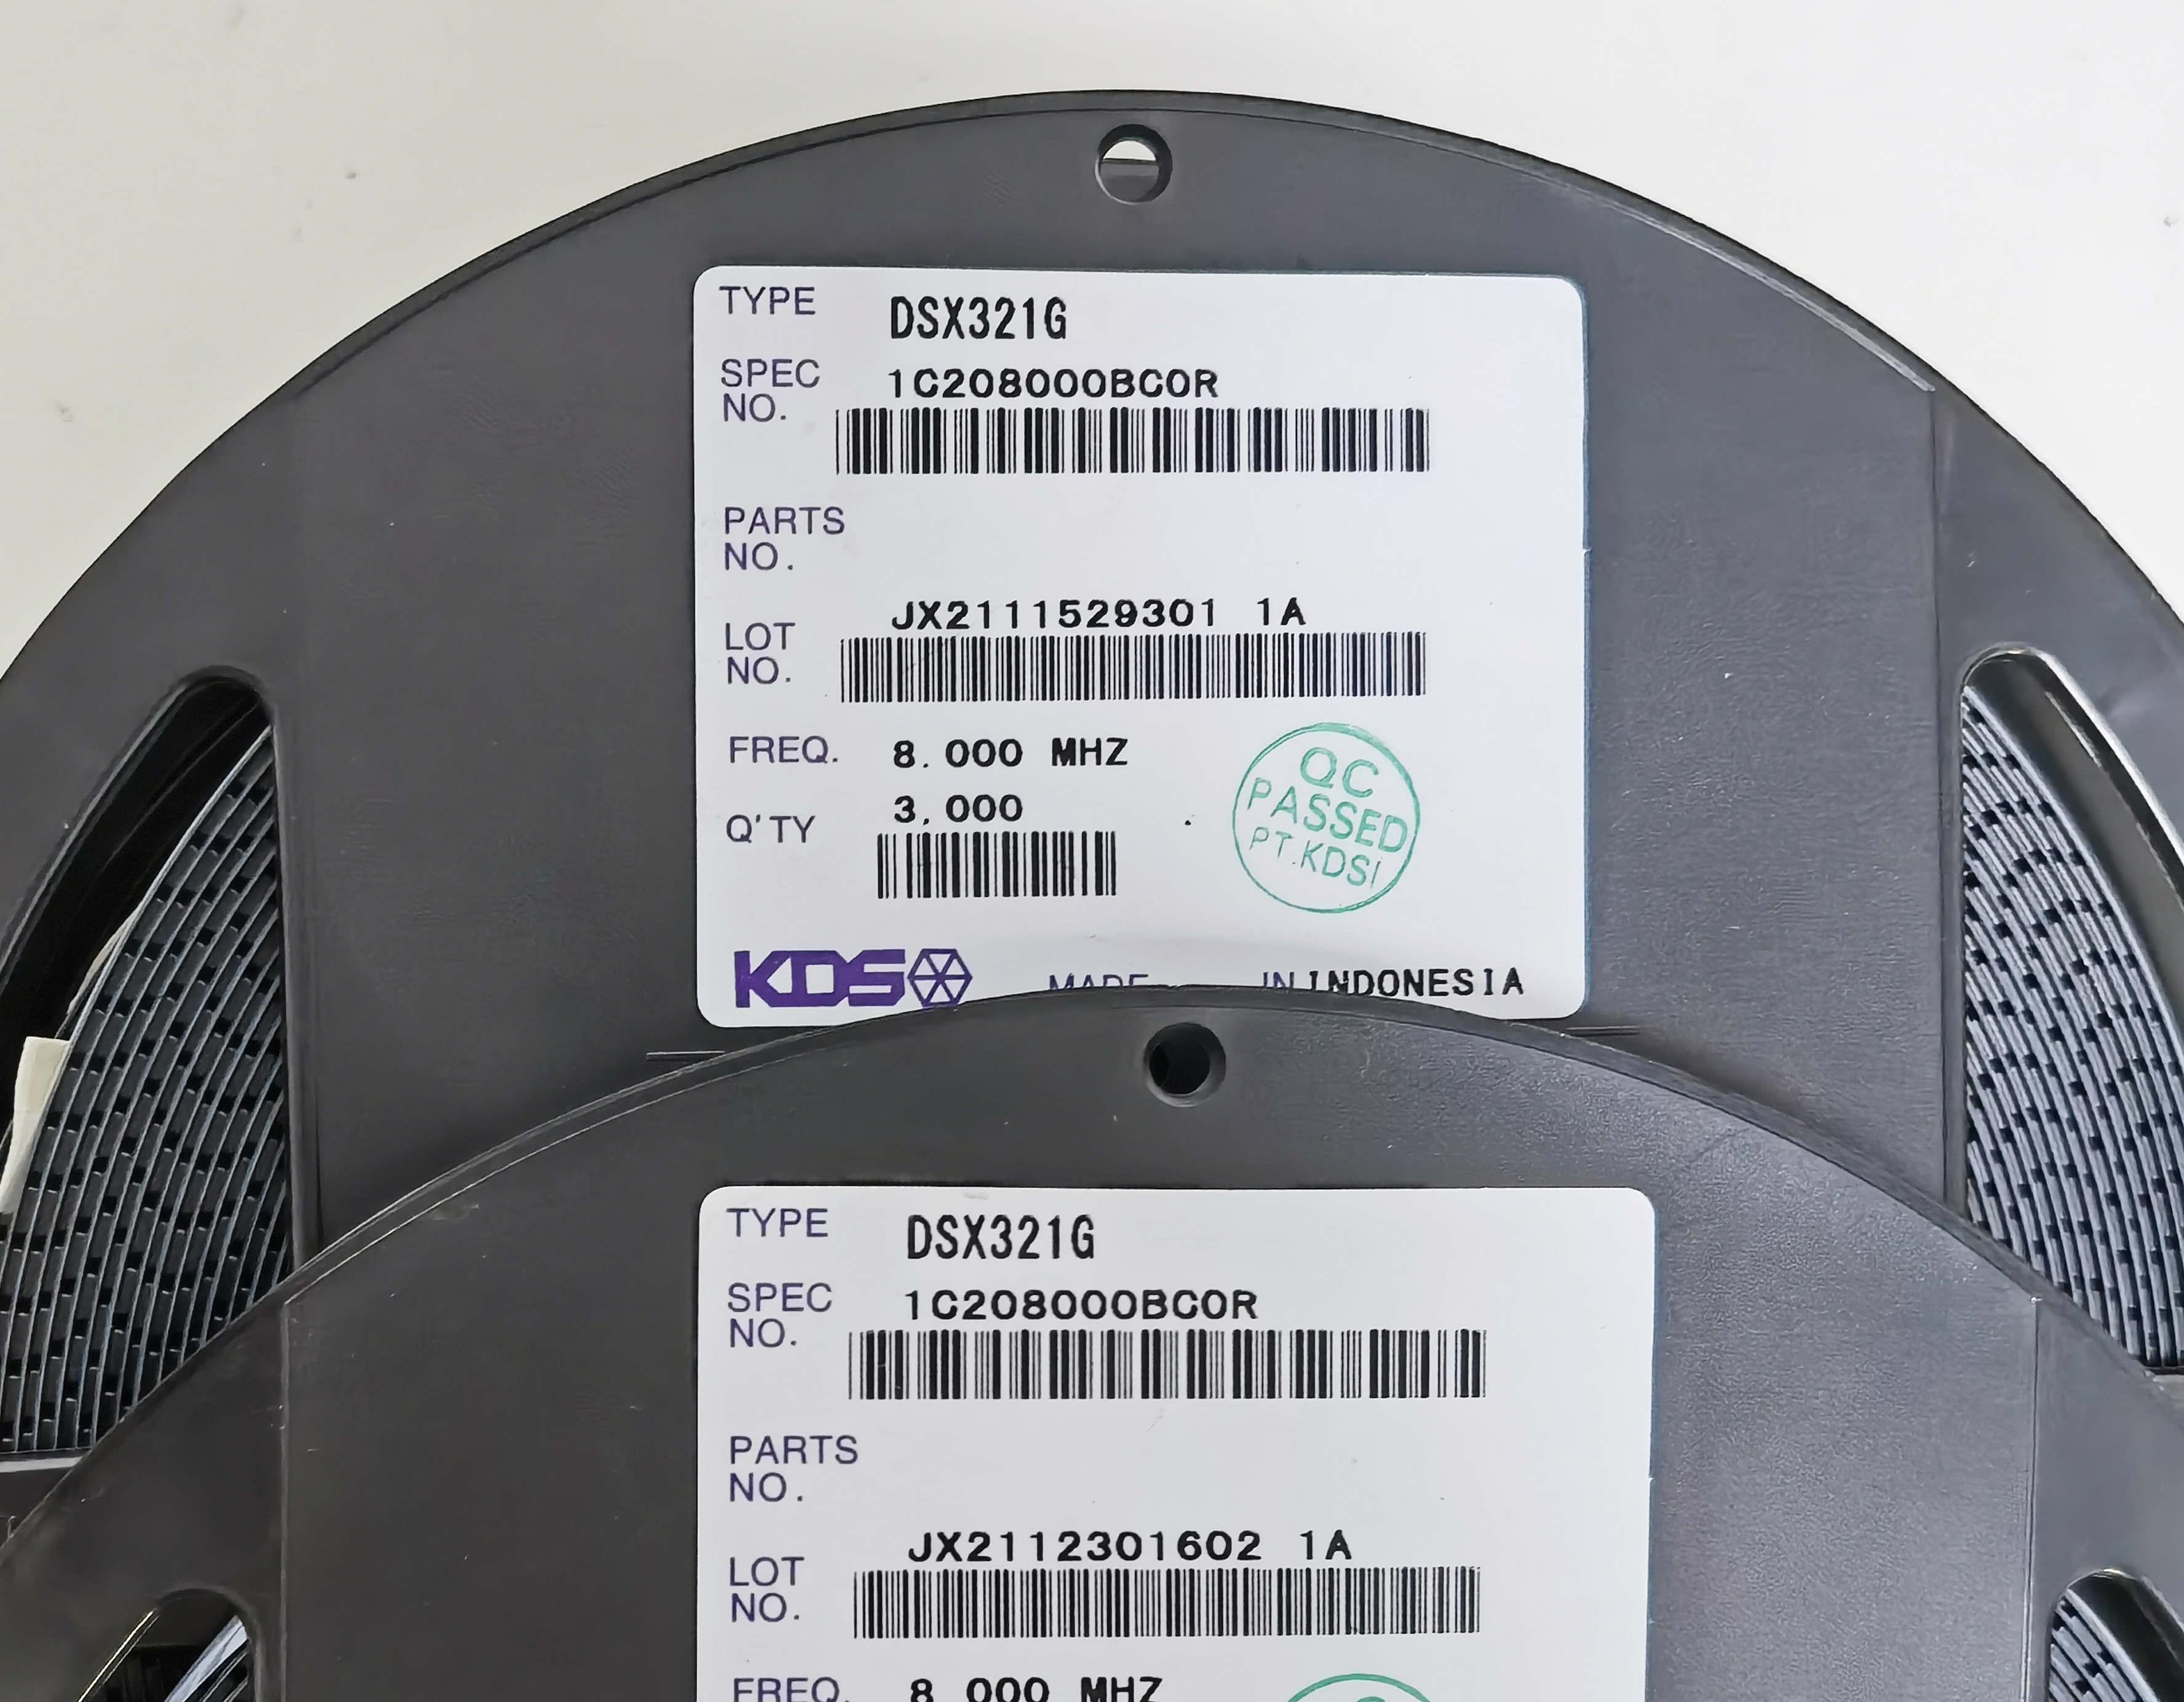 深圳KDS晶振现货渠道,DSX321G晶振,专注进口晶振